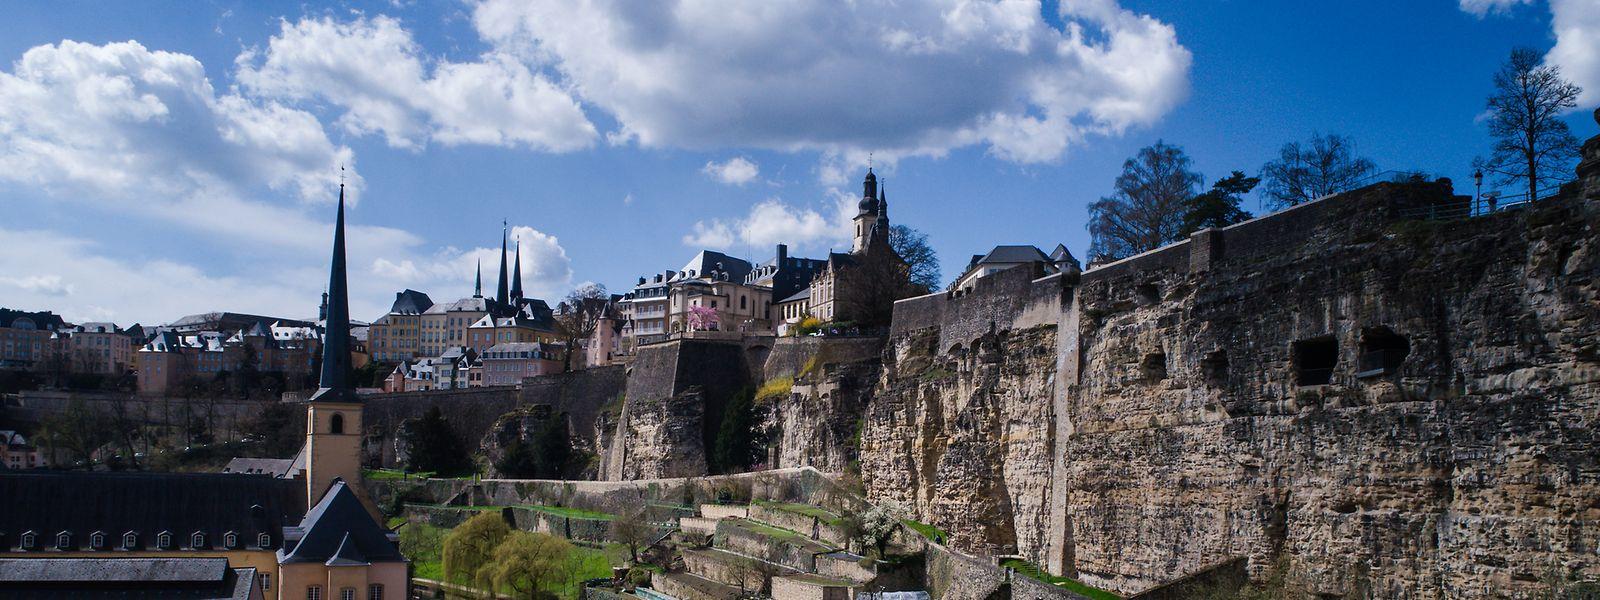 Entlang der geschützten Altstadt wurde ein neuer Unesco-Rundweg geschaffen